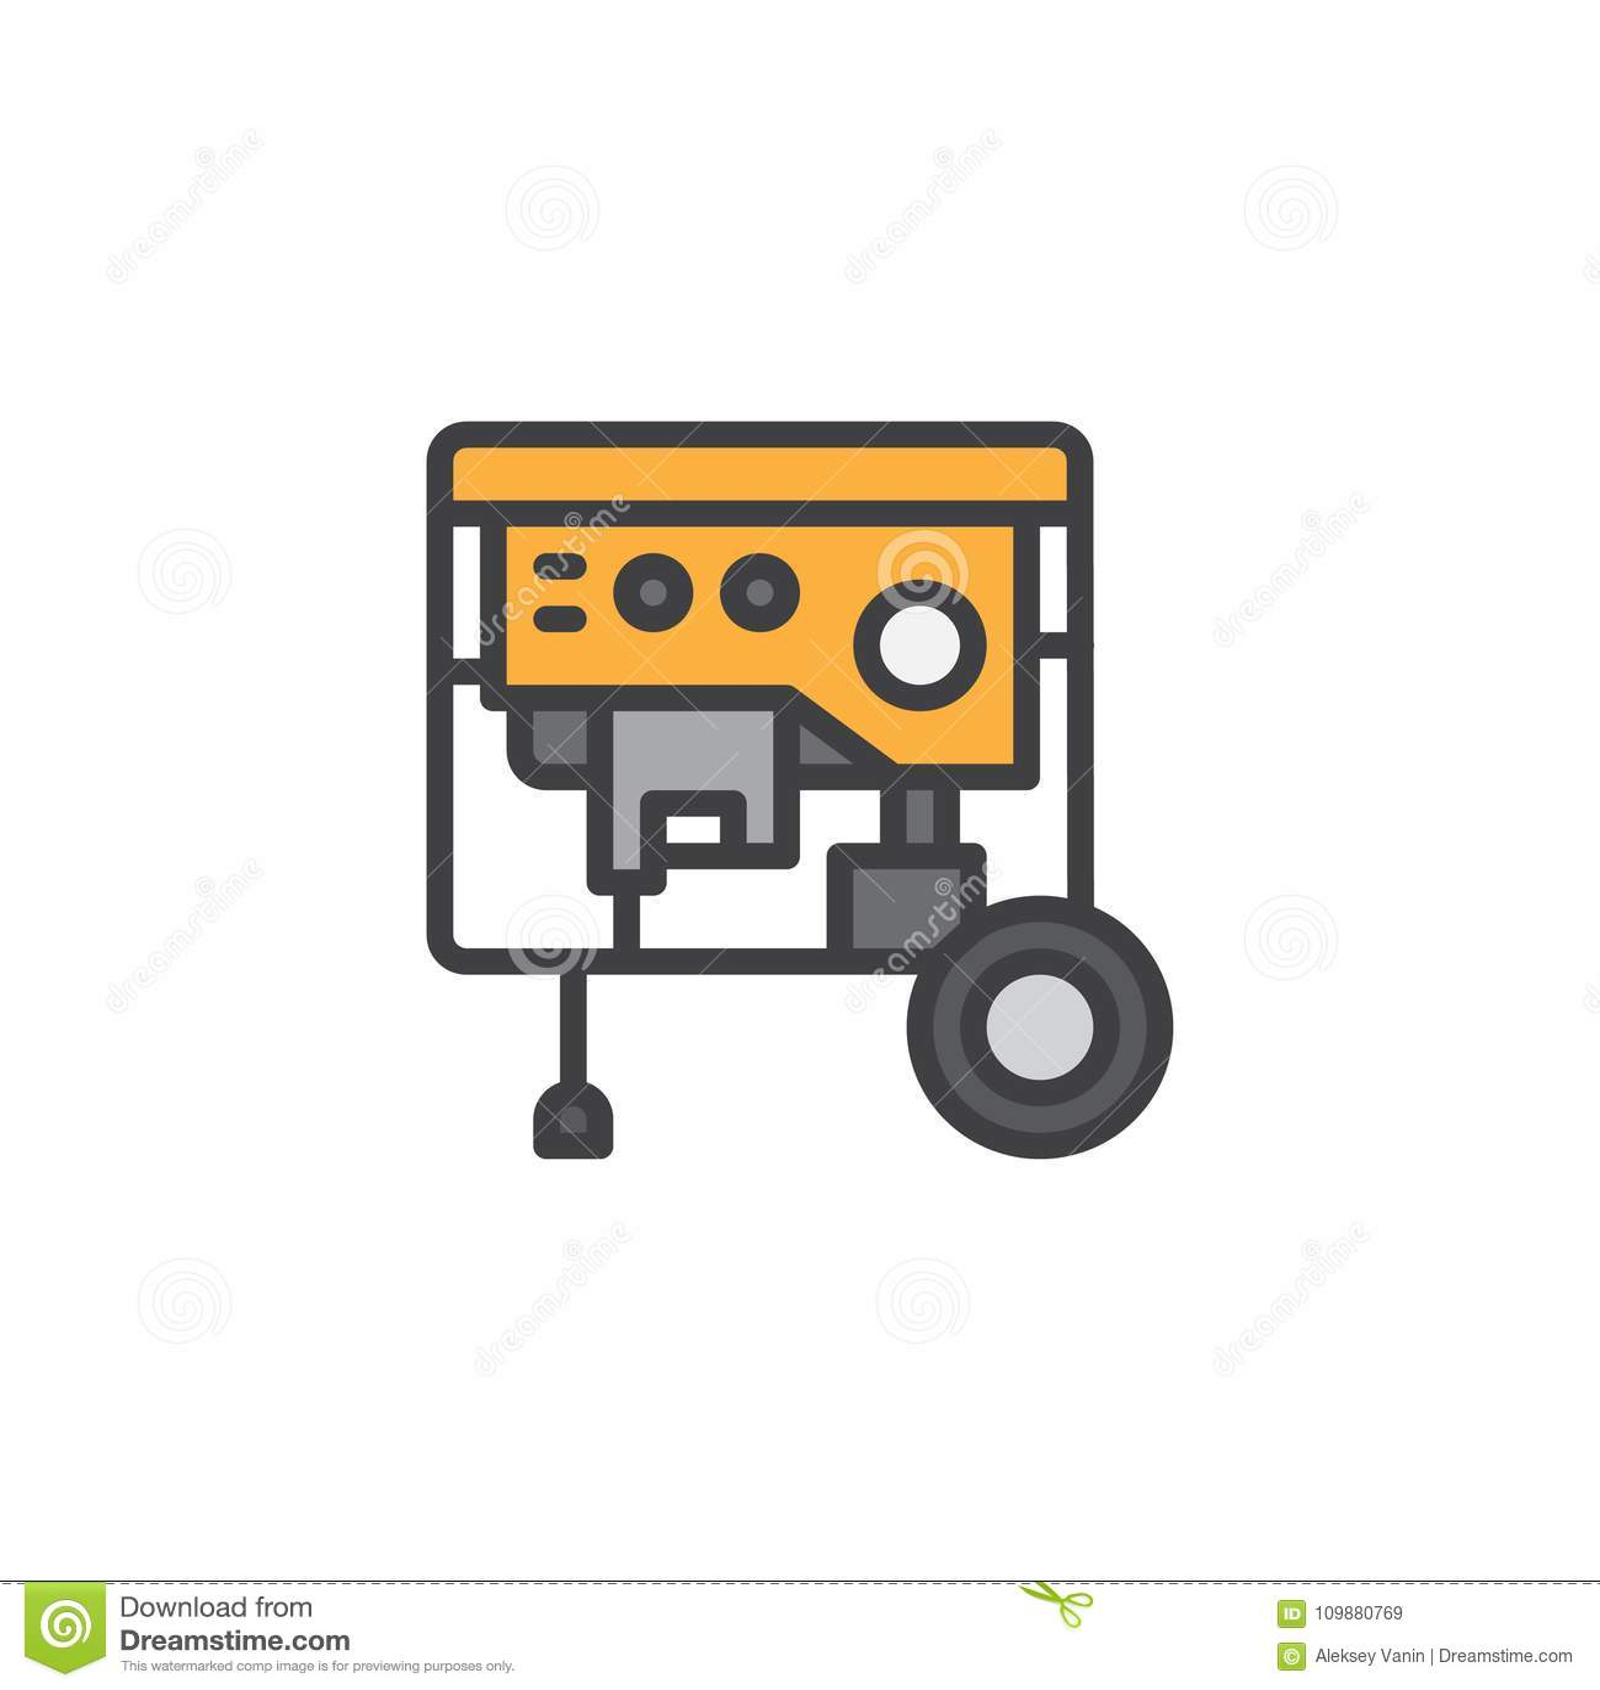 Wunderbar Stromgenerator Symbol Bilder - Elektrische Schaltplan ...